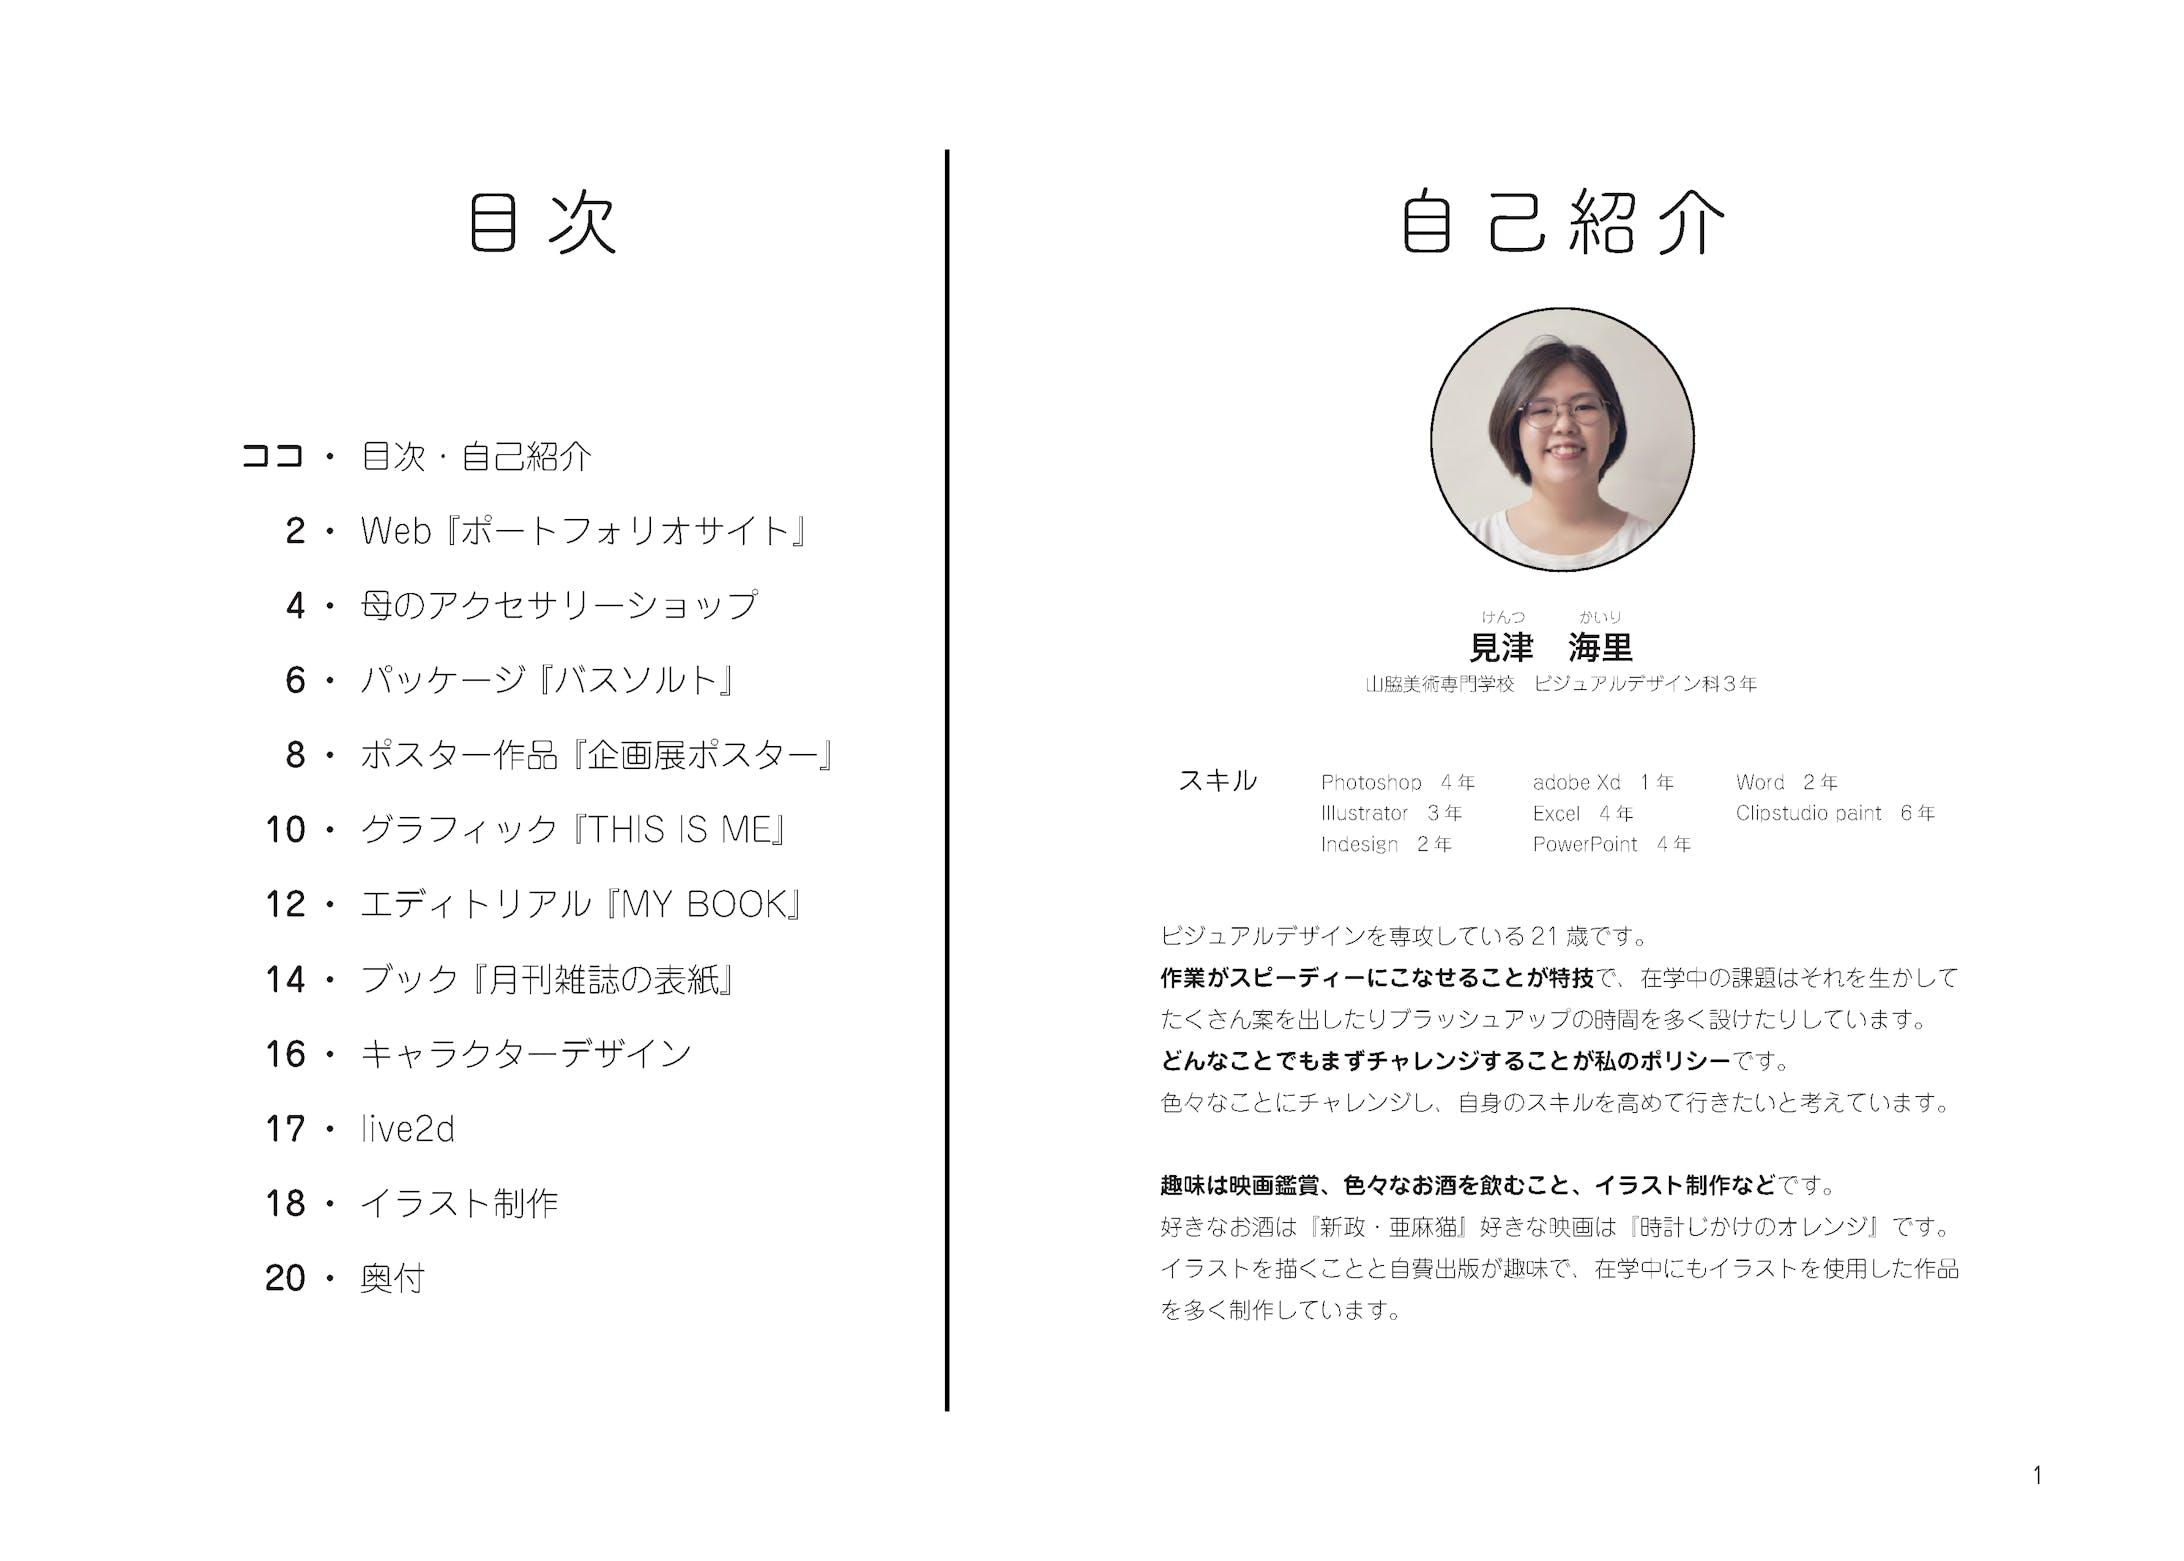 【お急ぎの方はこちら】紙版ポートフォリオ-1